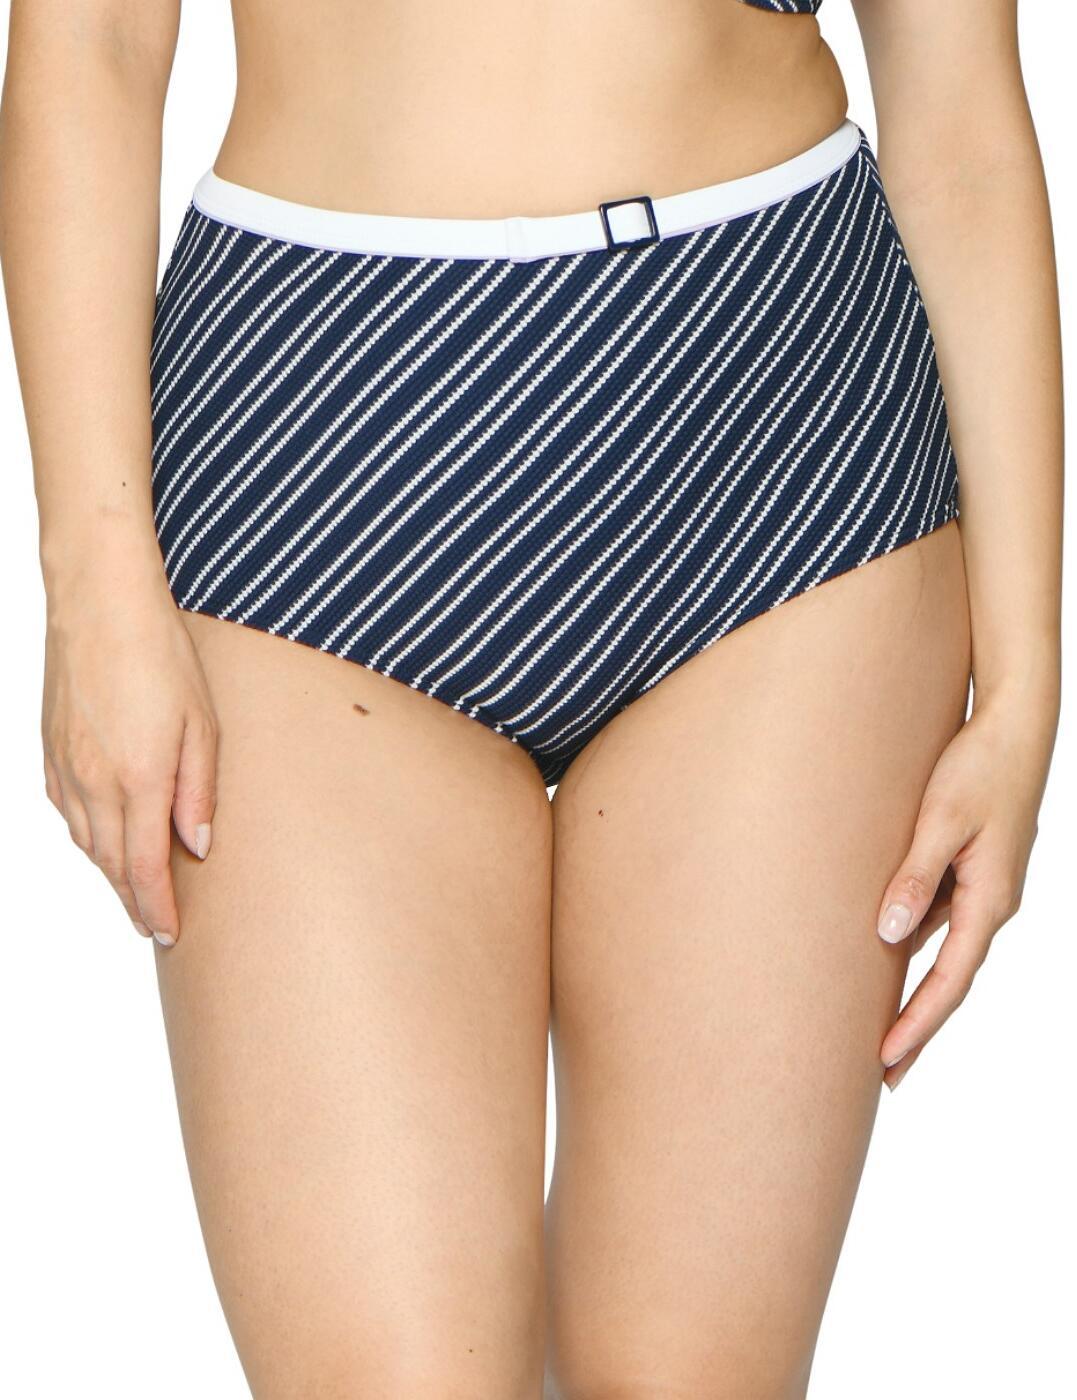 CS003505 Curvy Kate Sailor Girl High Waist Bikini Brief - CS003505 Navy